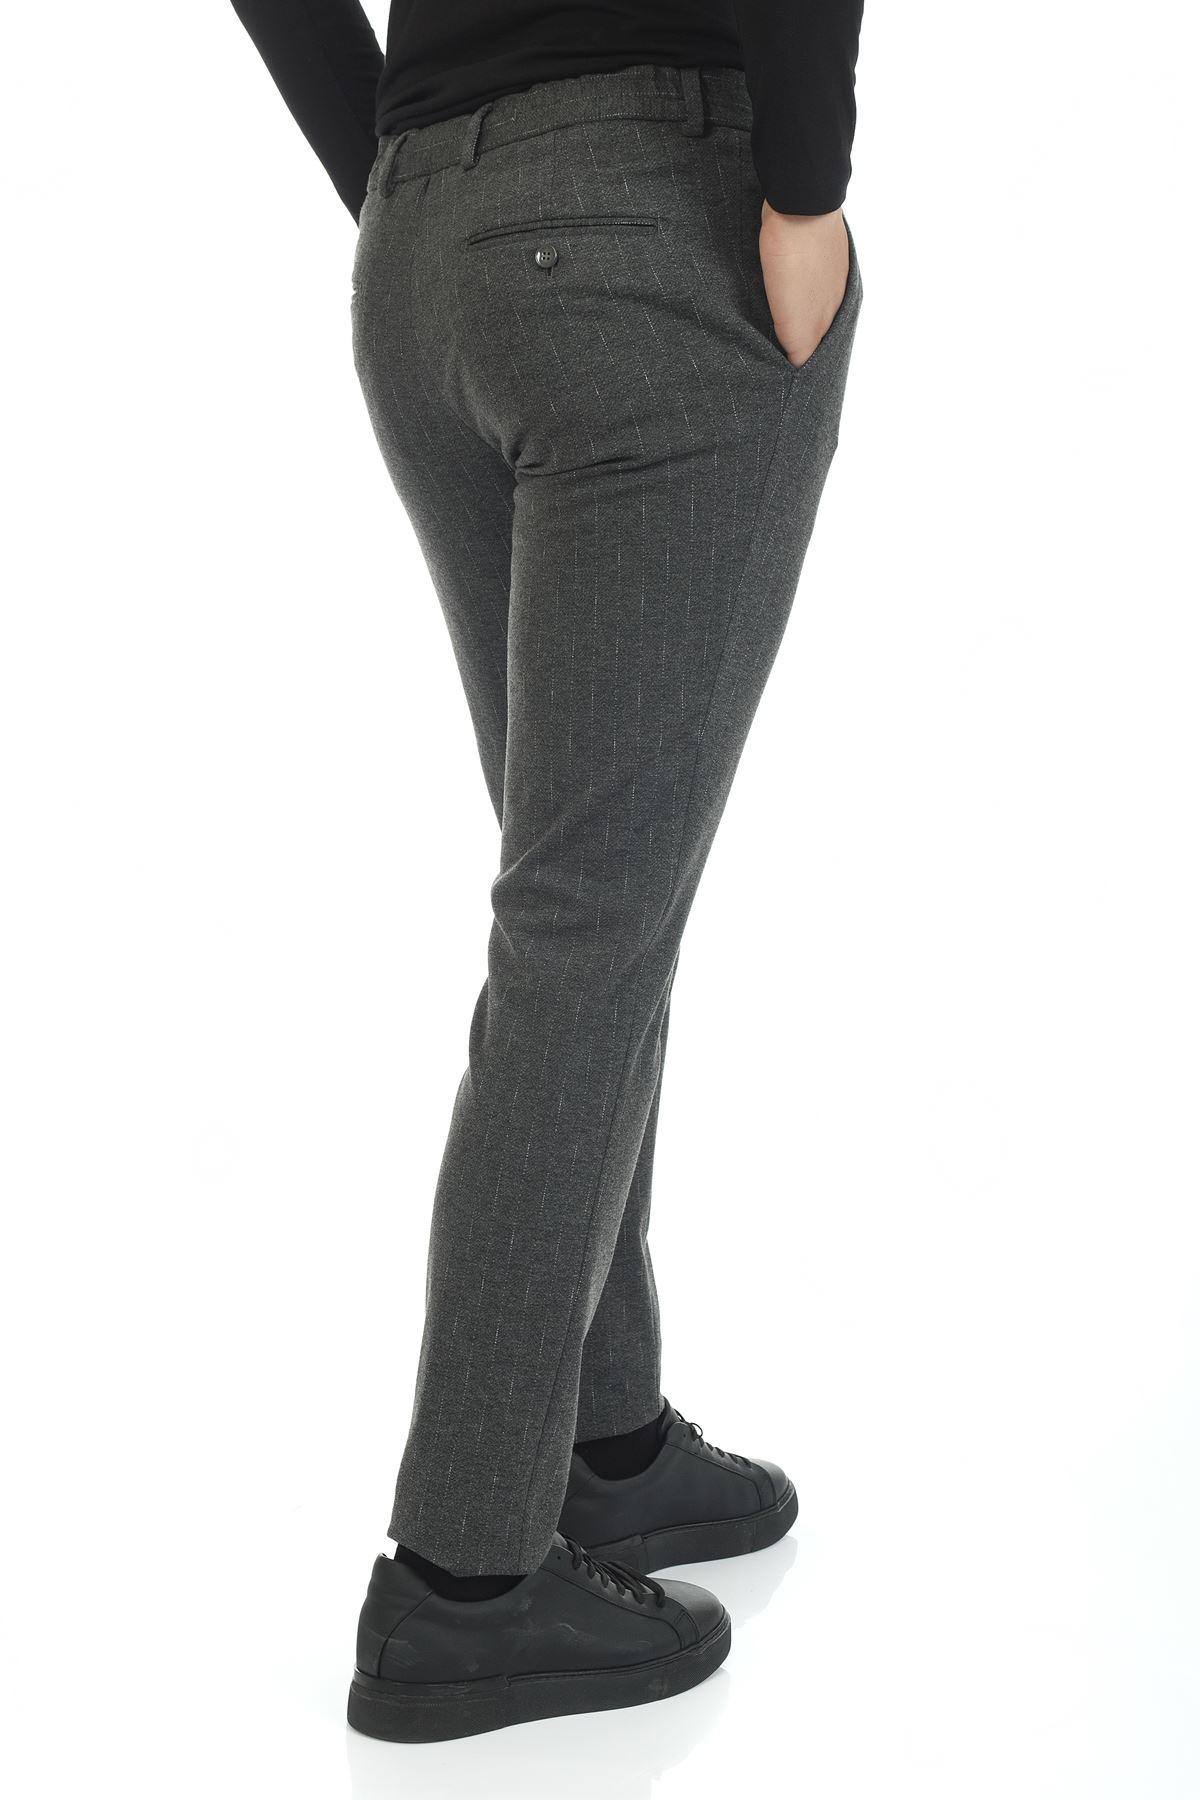 Gri Beyaz Çizgili Bağcıklı Süper Slim Jogger Pantolon